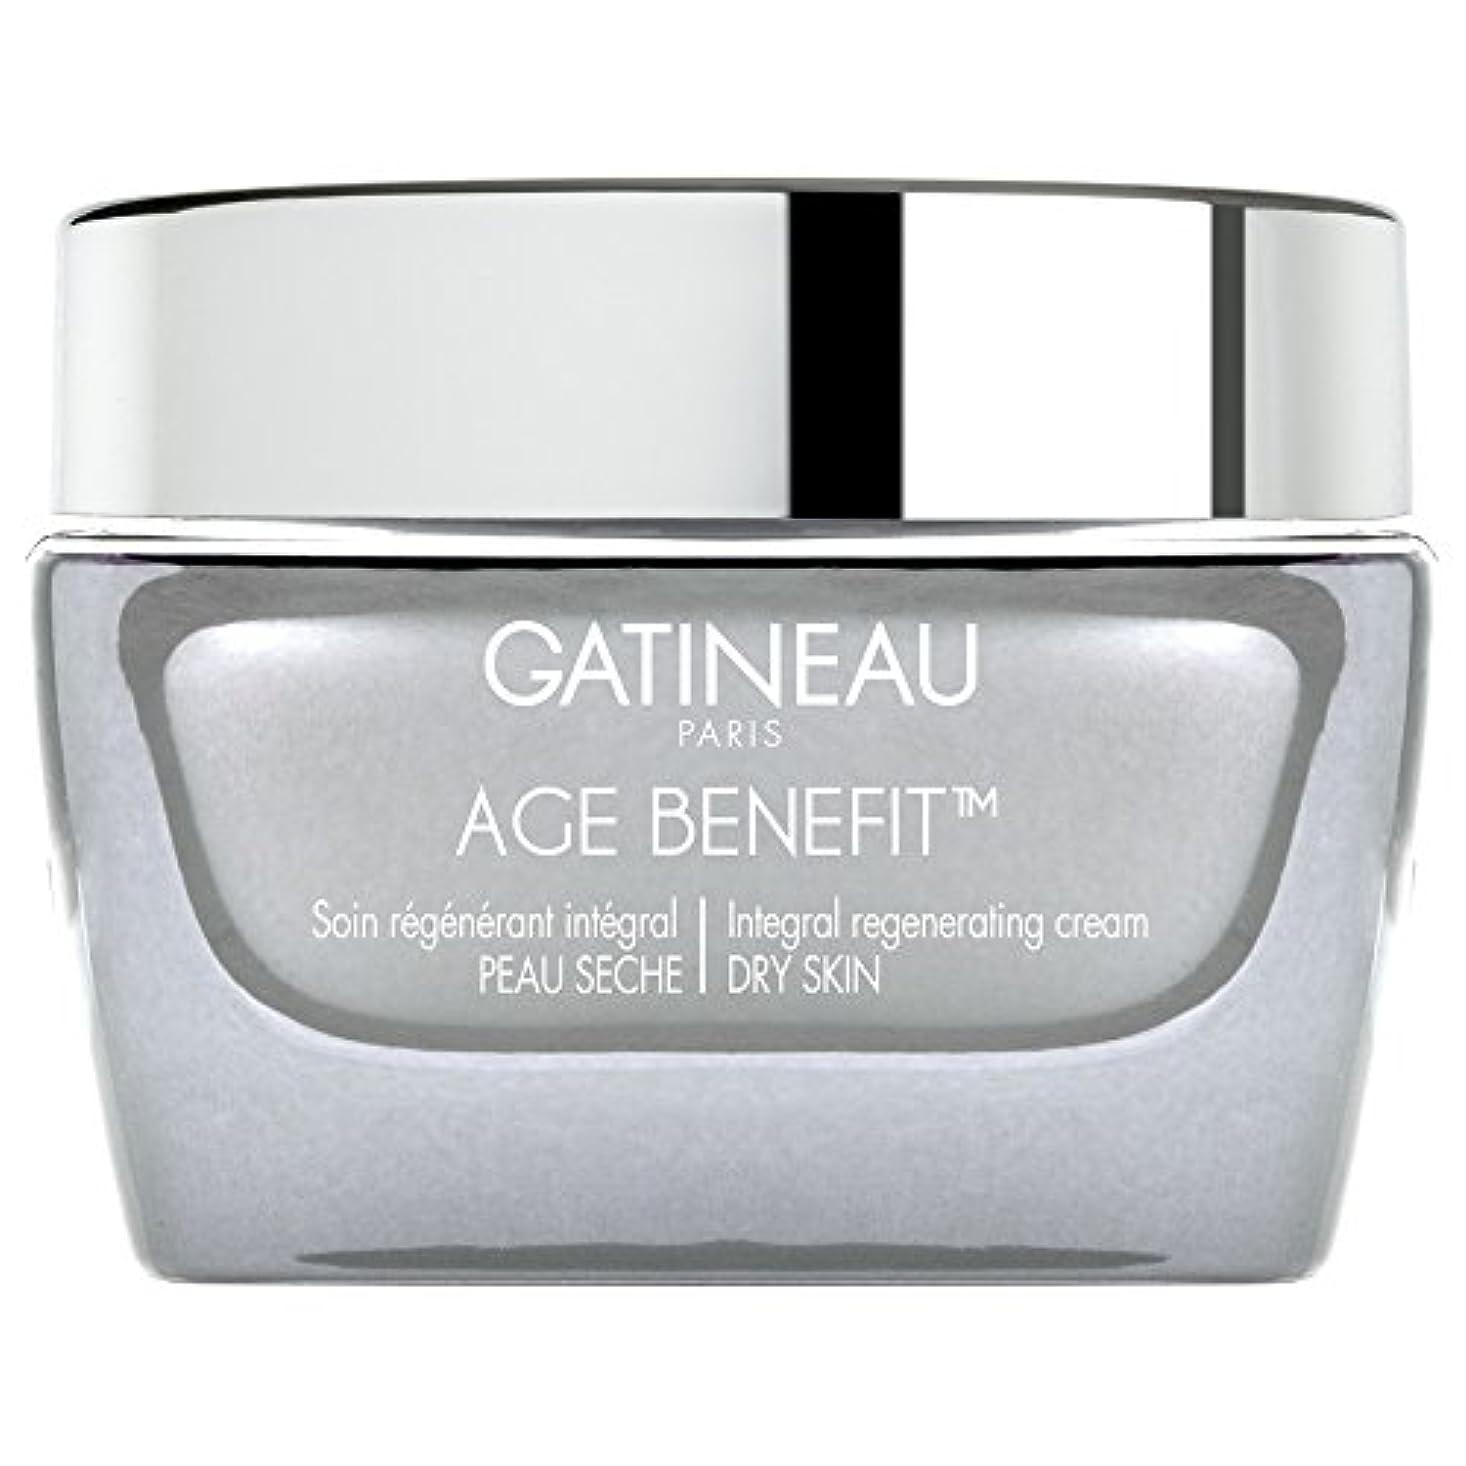 誇りプレーヤー安全なガティノー年齢給付再生ドライスキンクリーム、50ミリリットル (Gatineau) (x6) - Gatineau Age Benefit Regenerating Dry Skin Cream, 50ml (Pack...